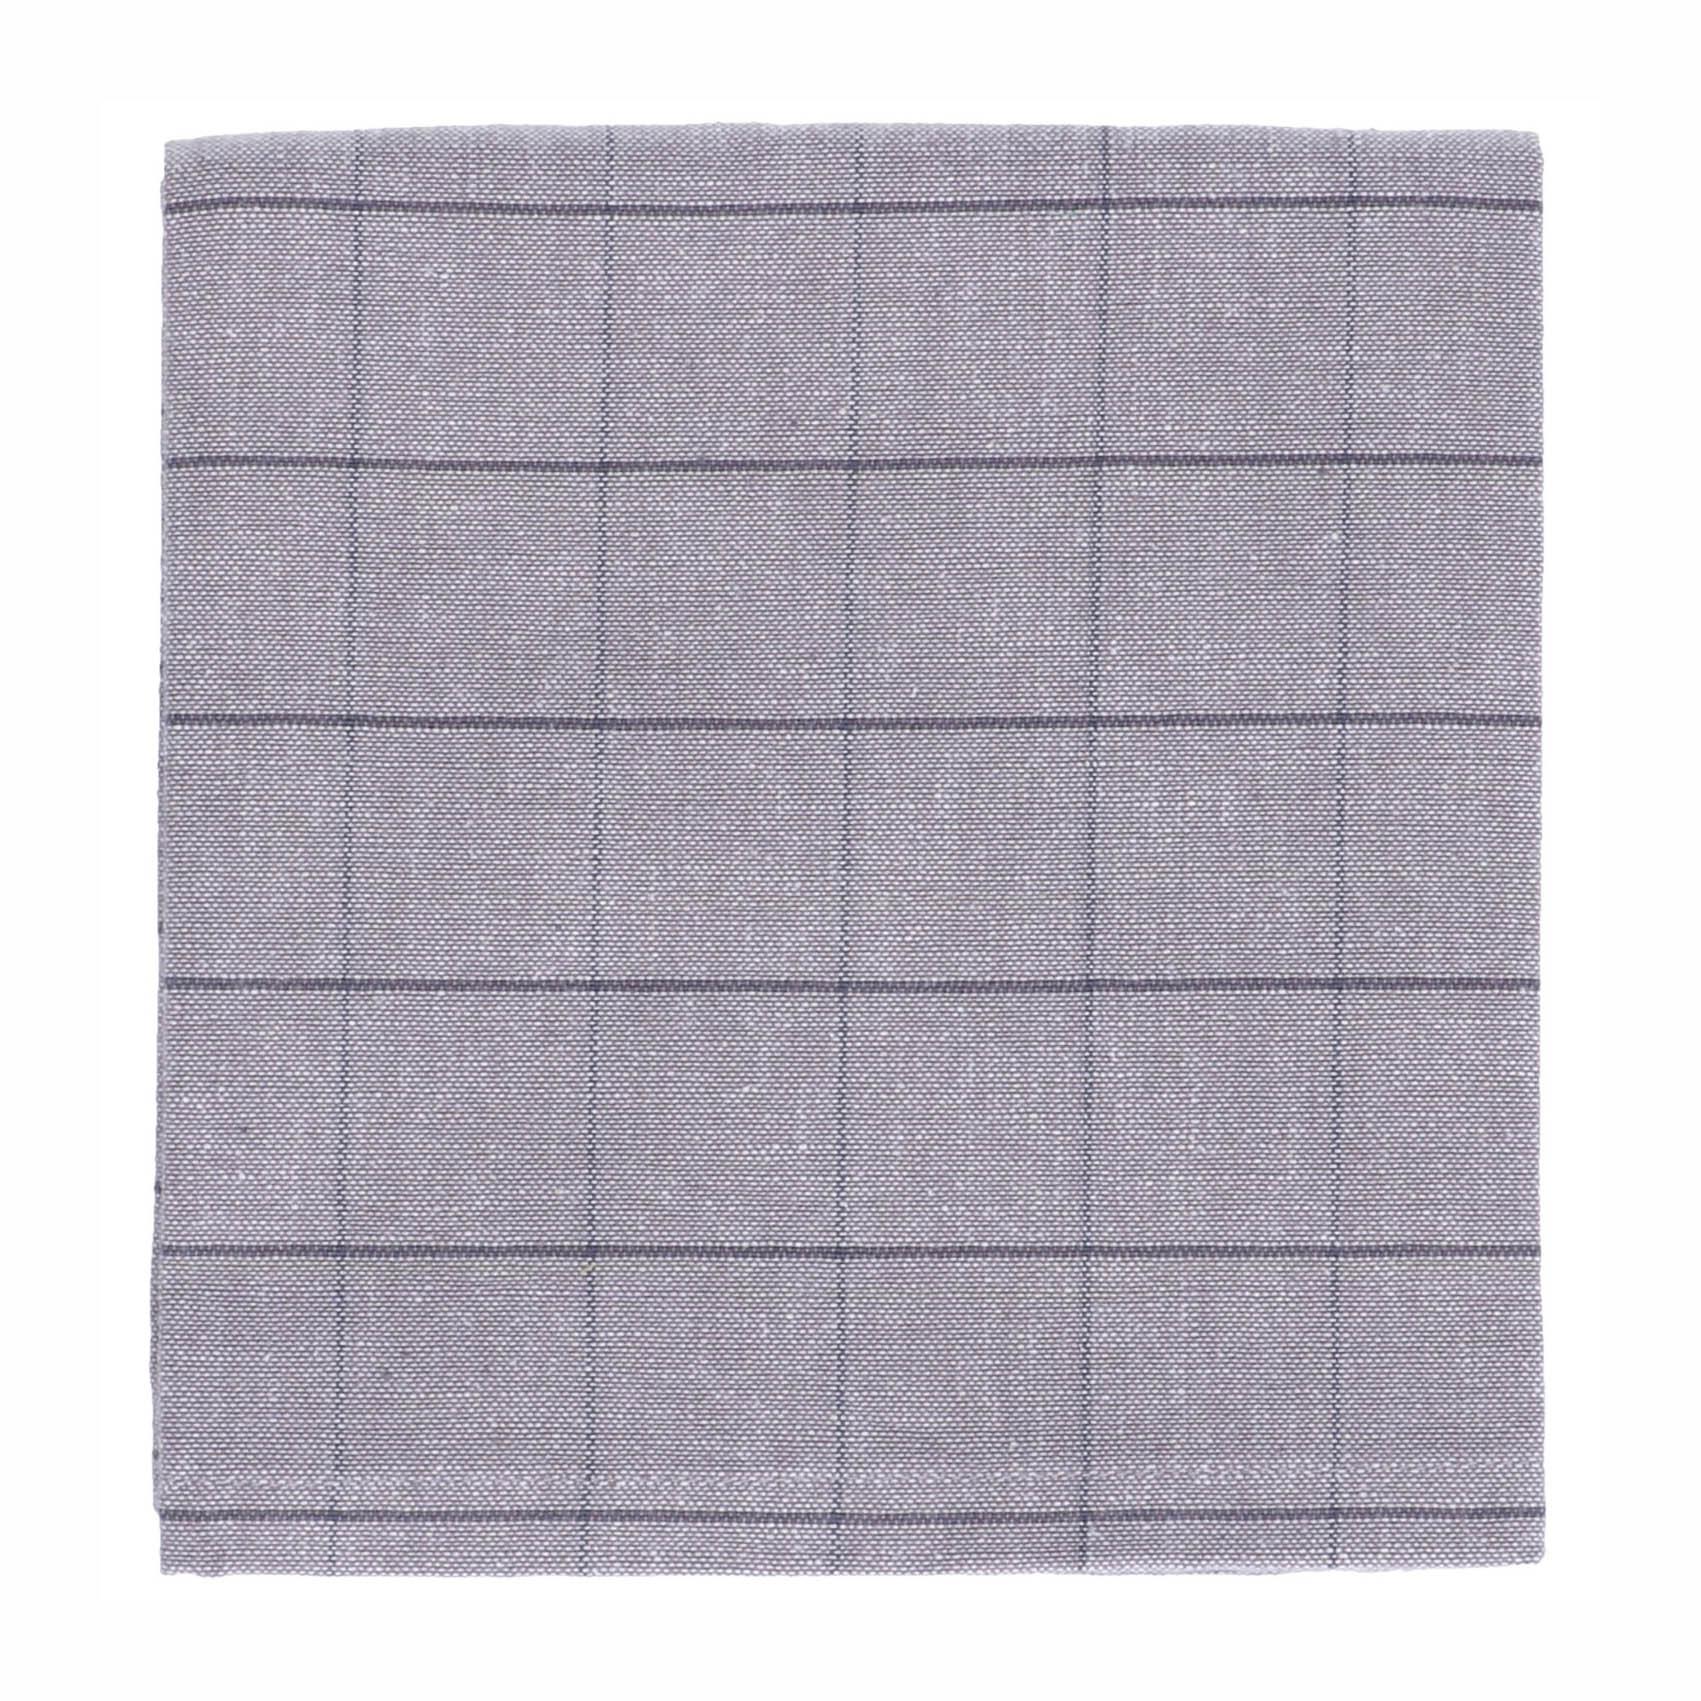 Dille&Kamille Essuie de vaiselle, coton bio, gris carreaux, 50 x 70 cm